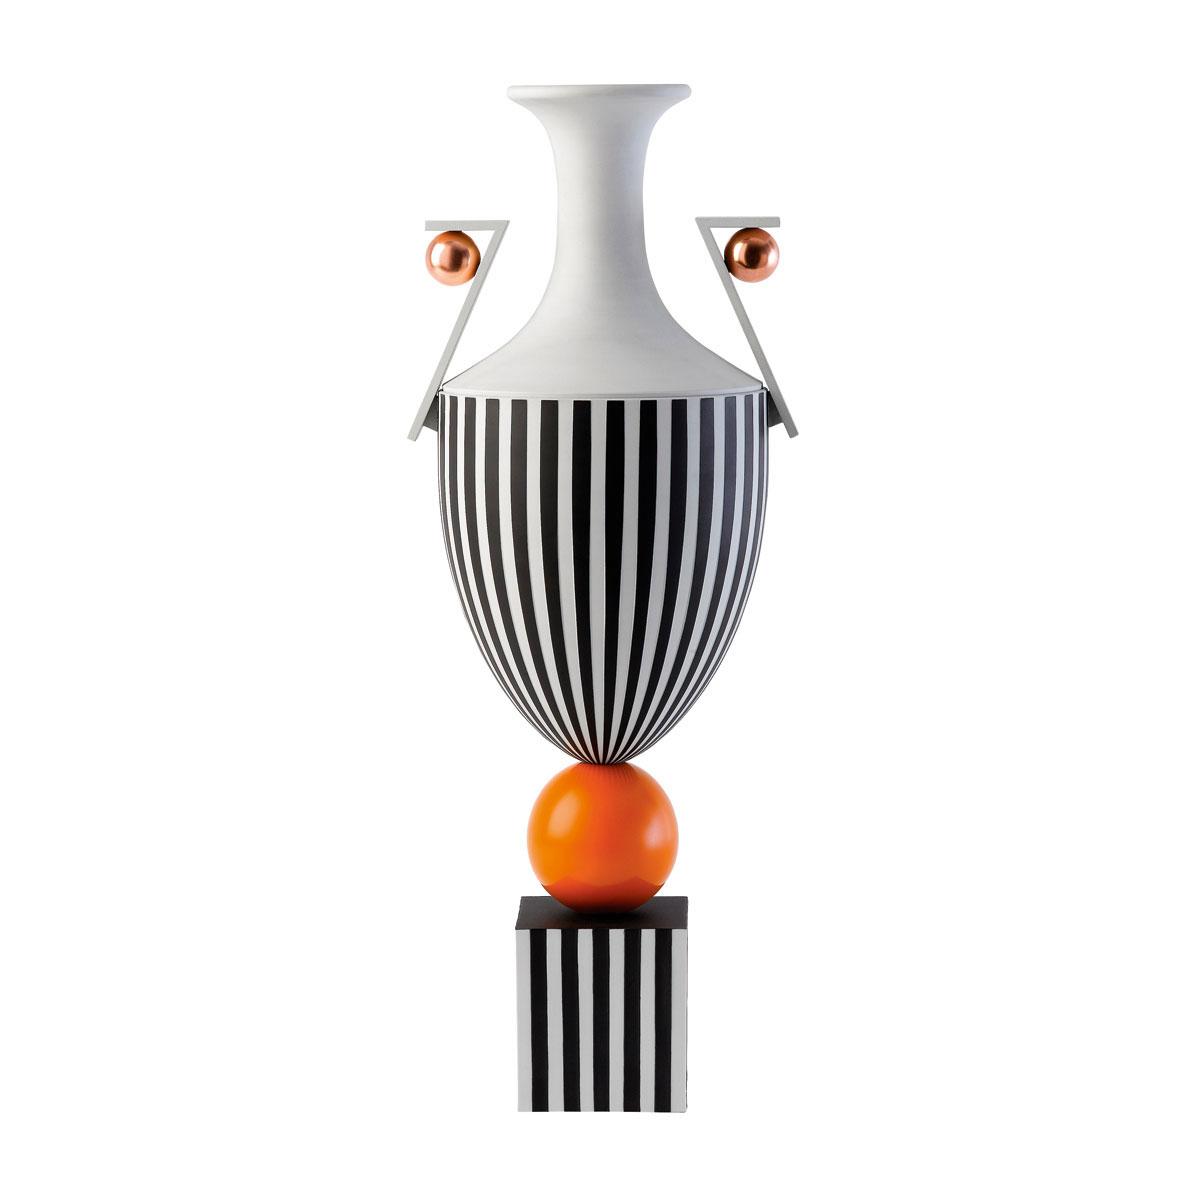 Wedgwood Prestige Jasperware Lee Broom Tall Vase on Orange Sphere, Limited Edition